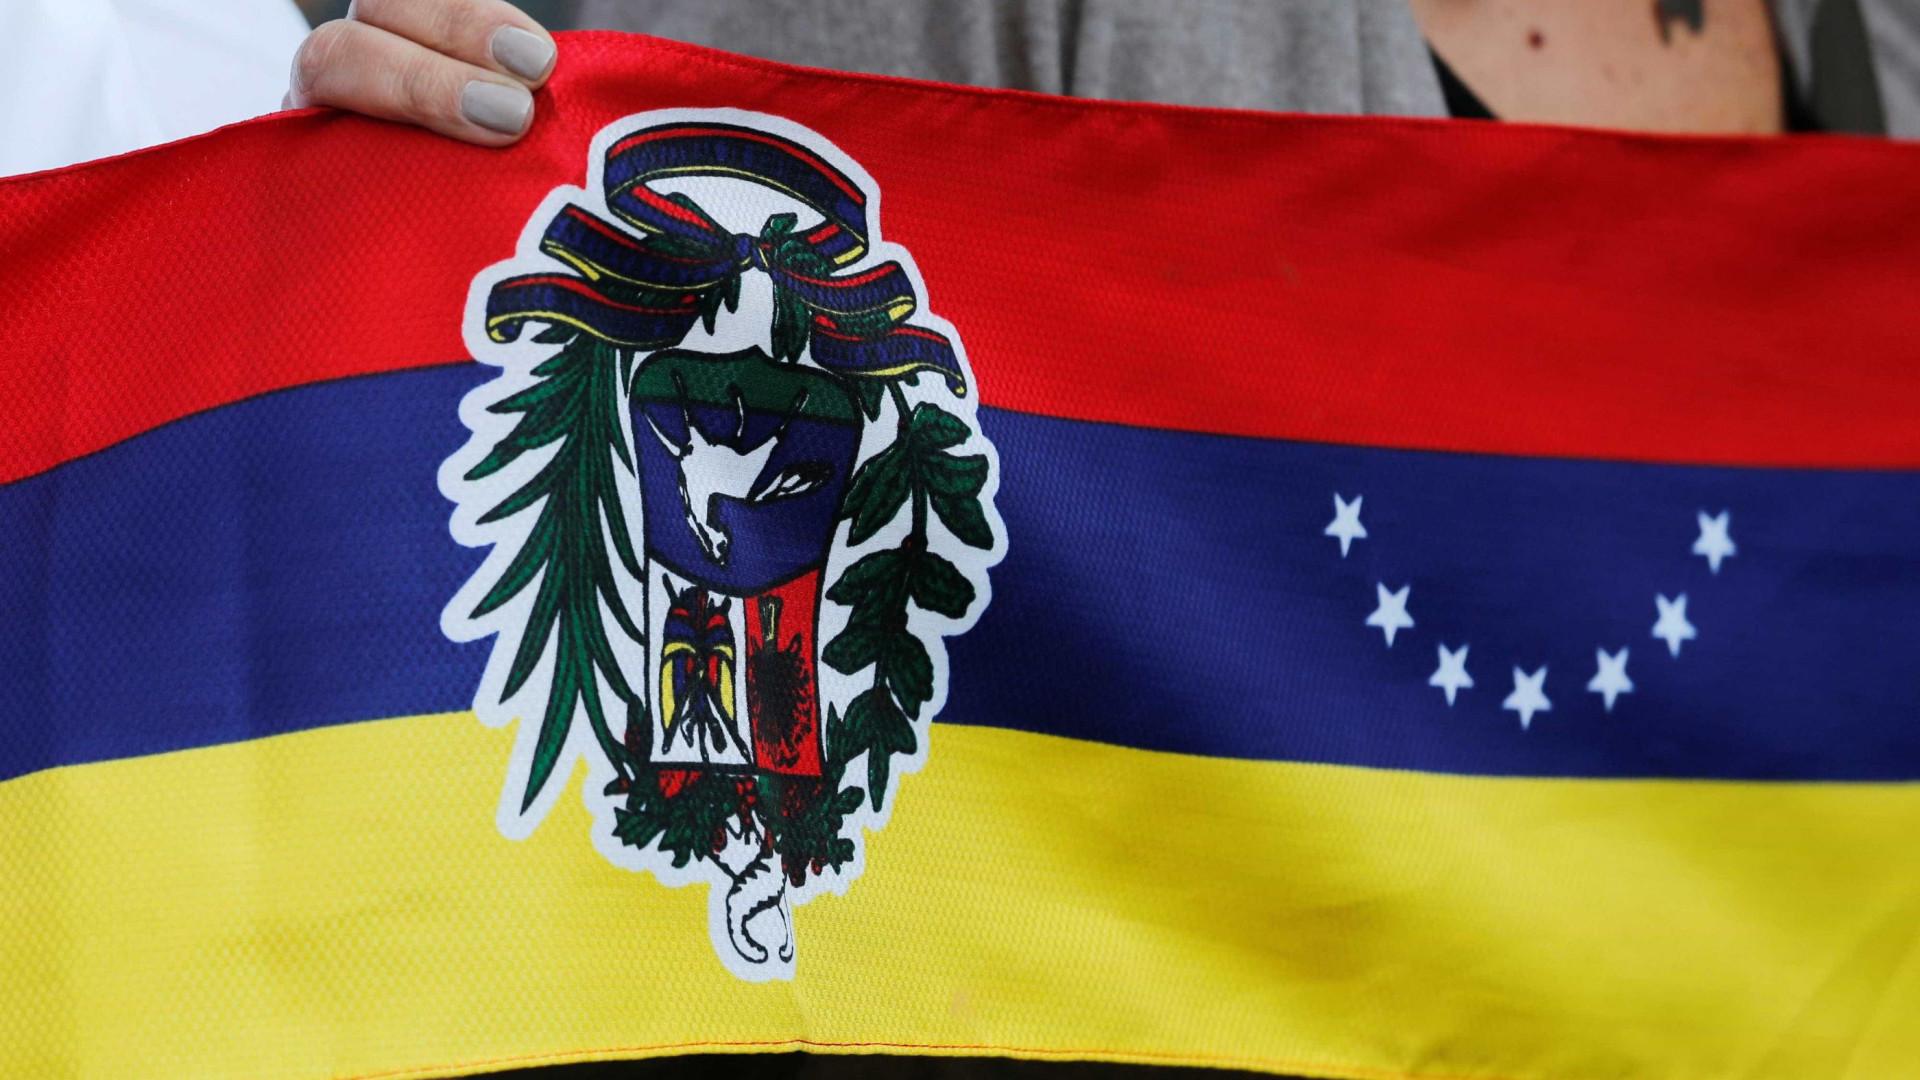 Venezuela: cidadãos vão ter 2 dias contínuos de eletricidade por semana